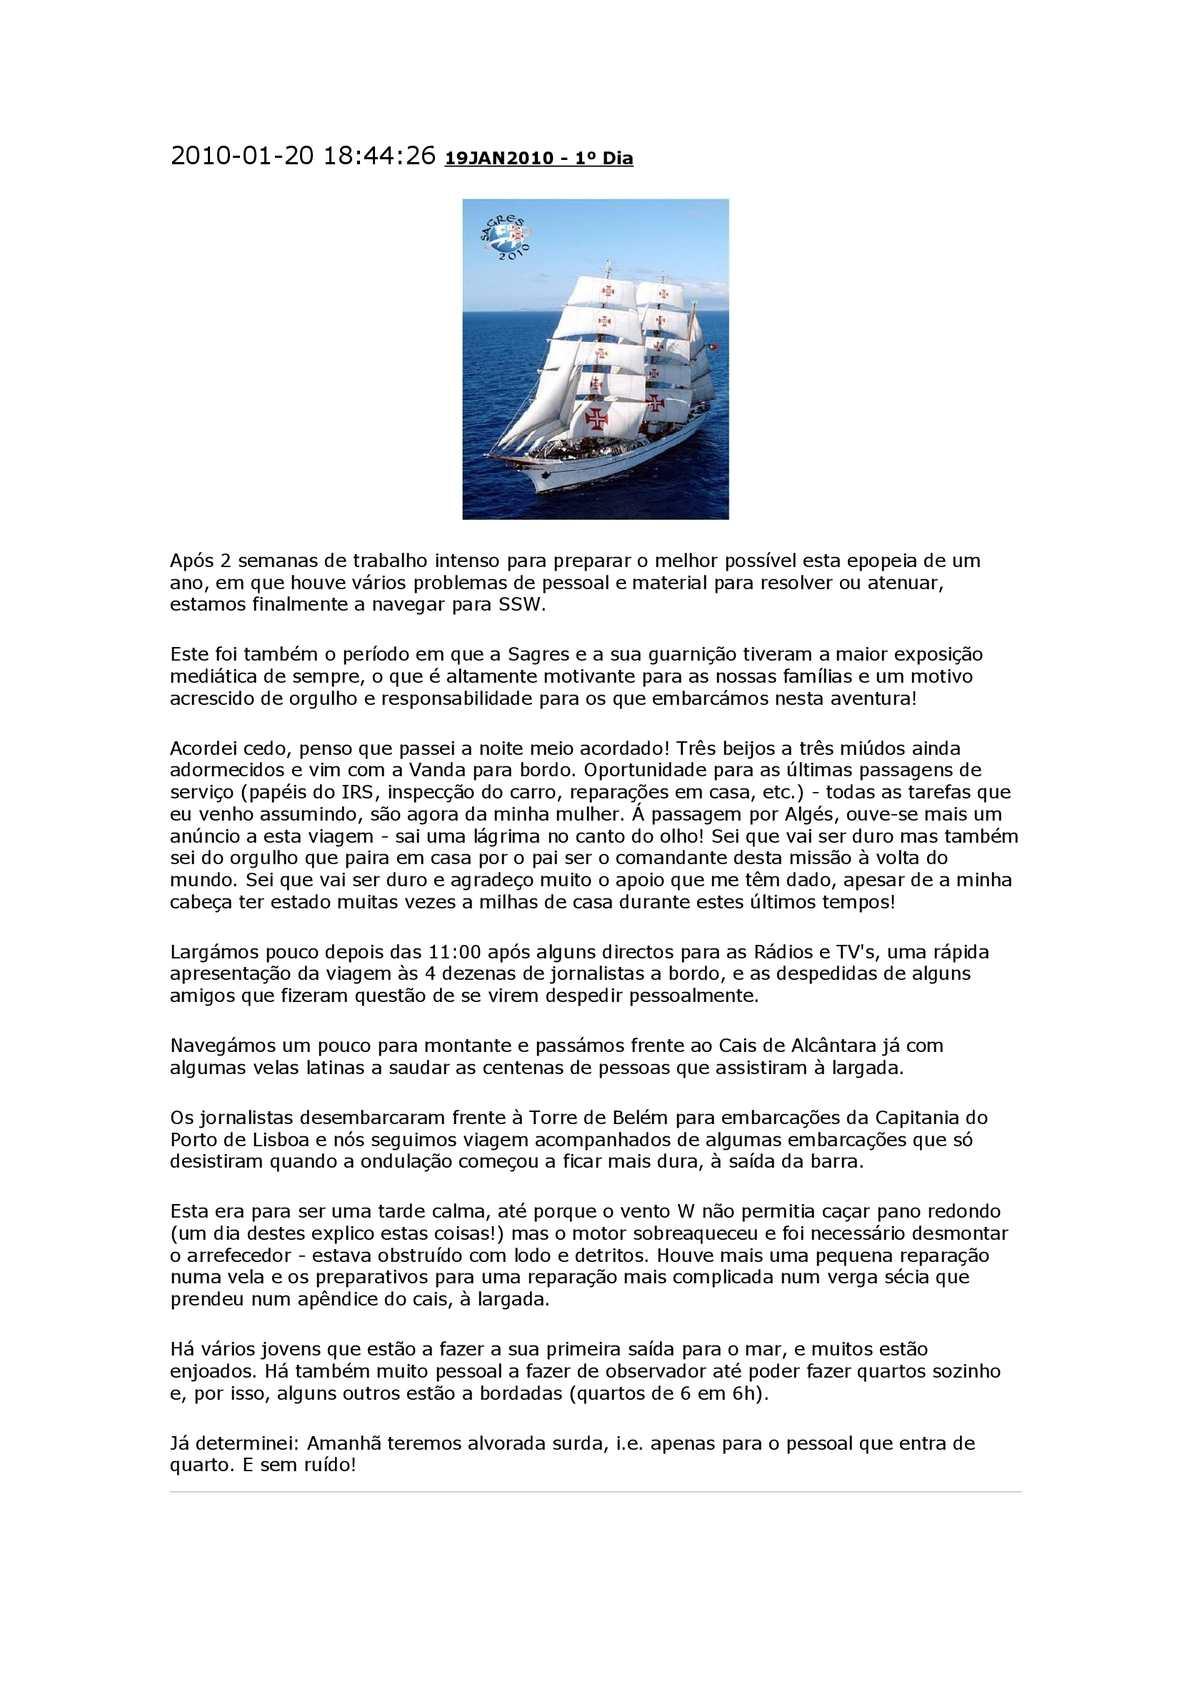 Calaméo - A viagem da sagres em 2010 444079cd6bafc